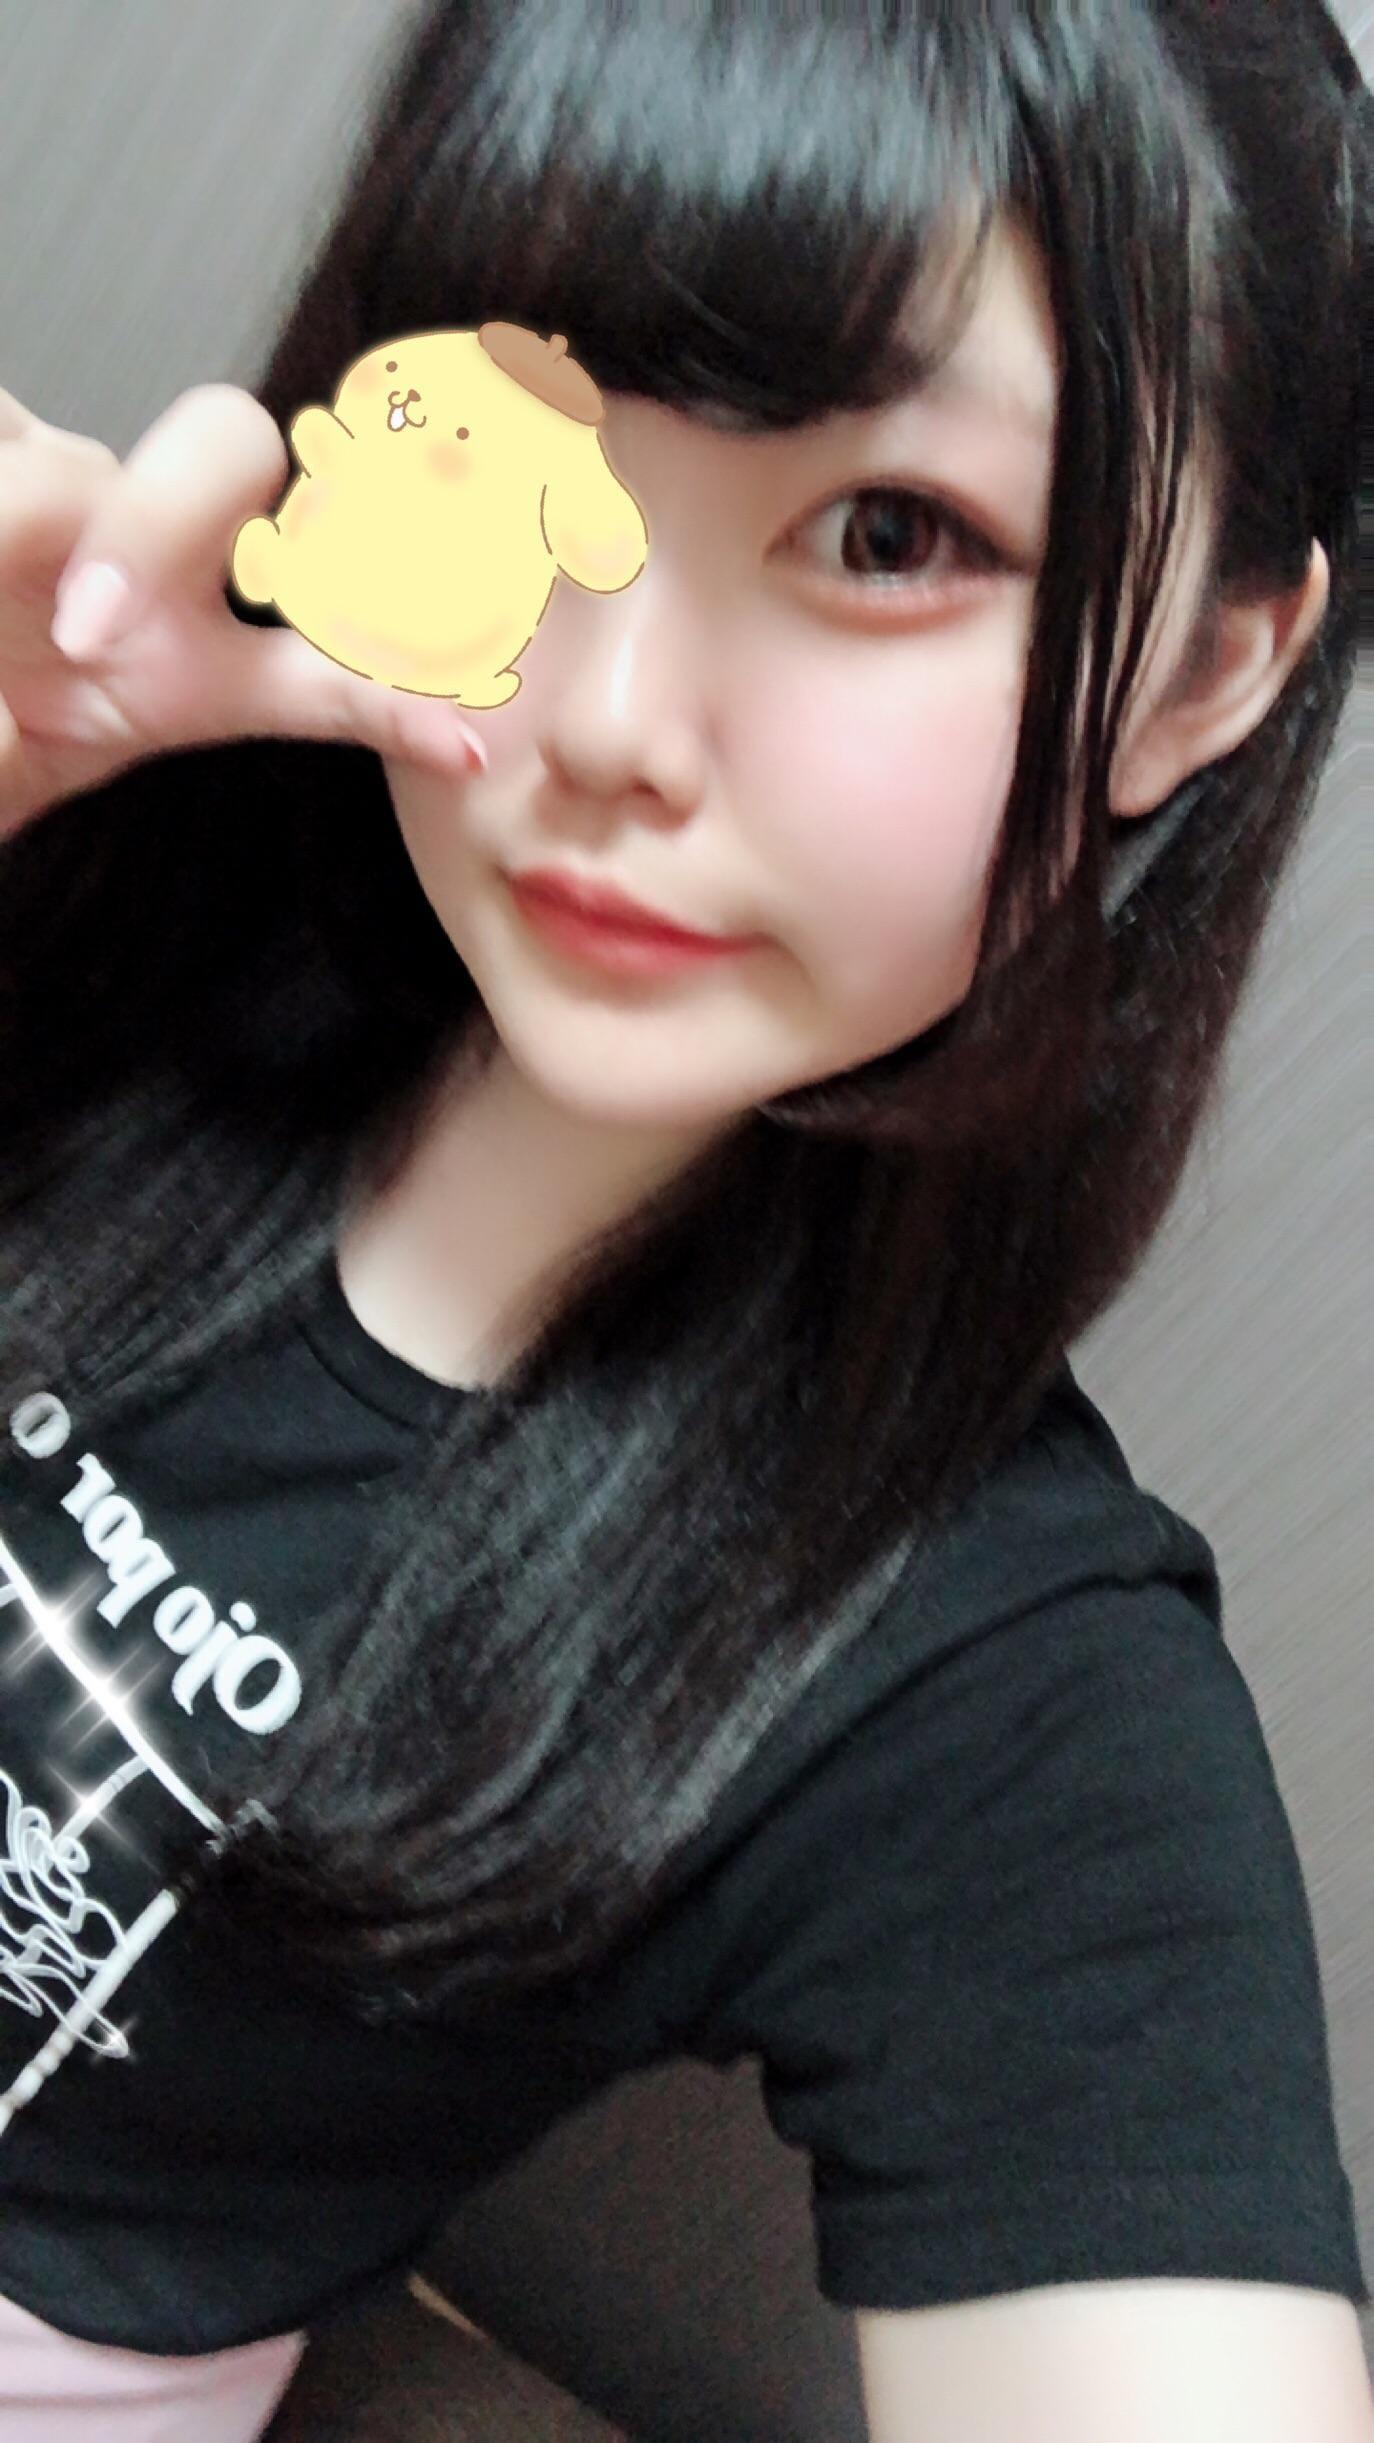 「はじめまして ?せいら?」09/15(09/15) 19:03 | セイラの写メ・風俗動画